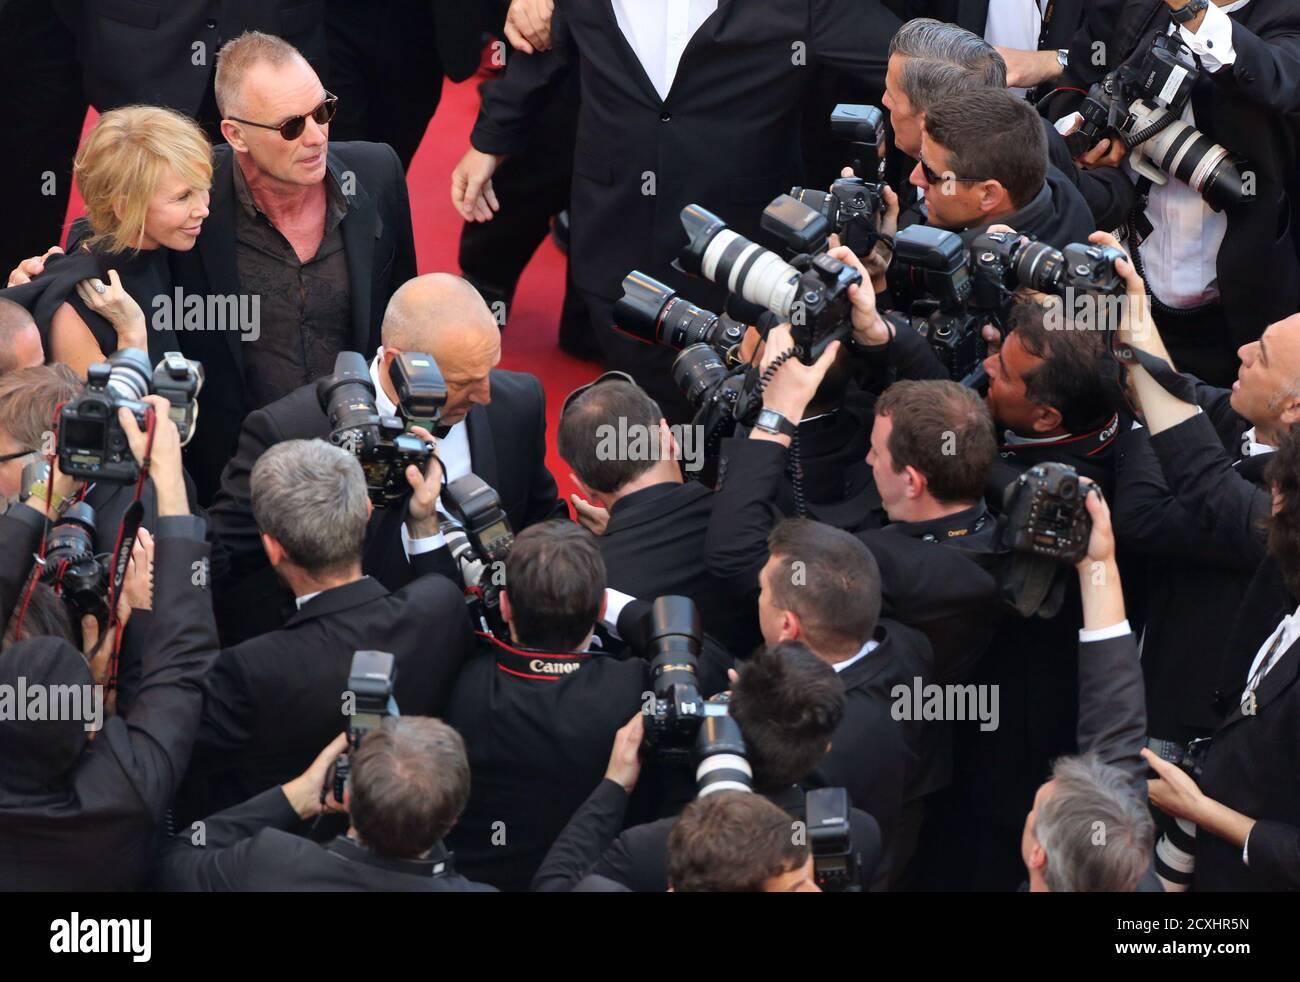 """Sänger Sting und seine Frau britische Schauspielerin und Produzentin Trudie Styler ankommen auf dem roten Teppich für den Film """"Mud"""", im Wettbewerb der 65. Filmfestspiele von Cannes, 26. Mai 2012.           REUTERS/Loic Venance/Pool (Frankreich - Tags: ENTERTAINMENT) Stockfoto"""